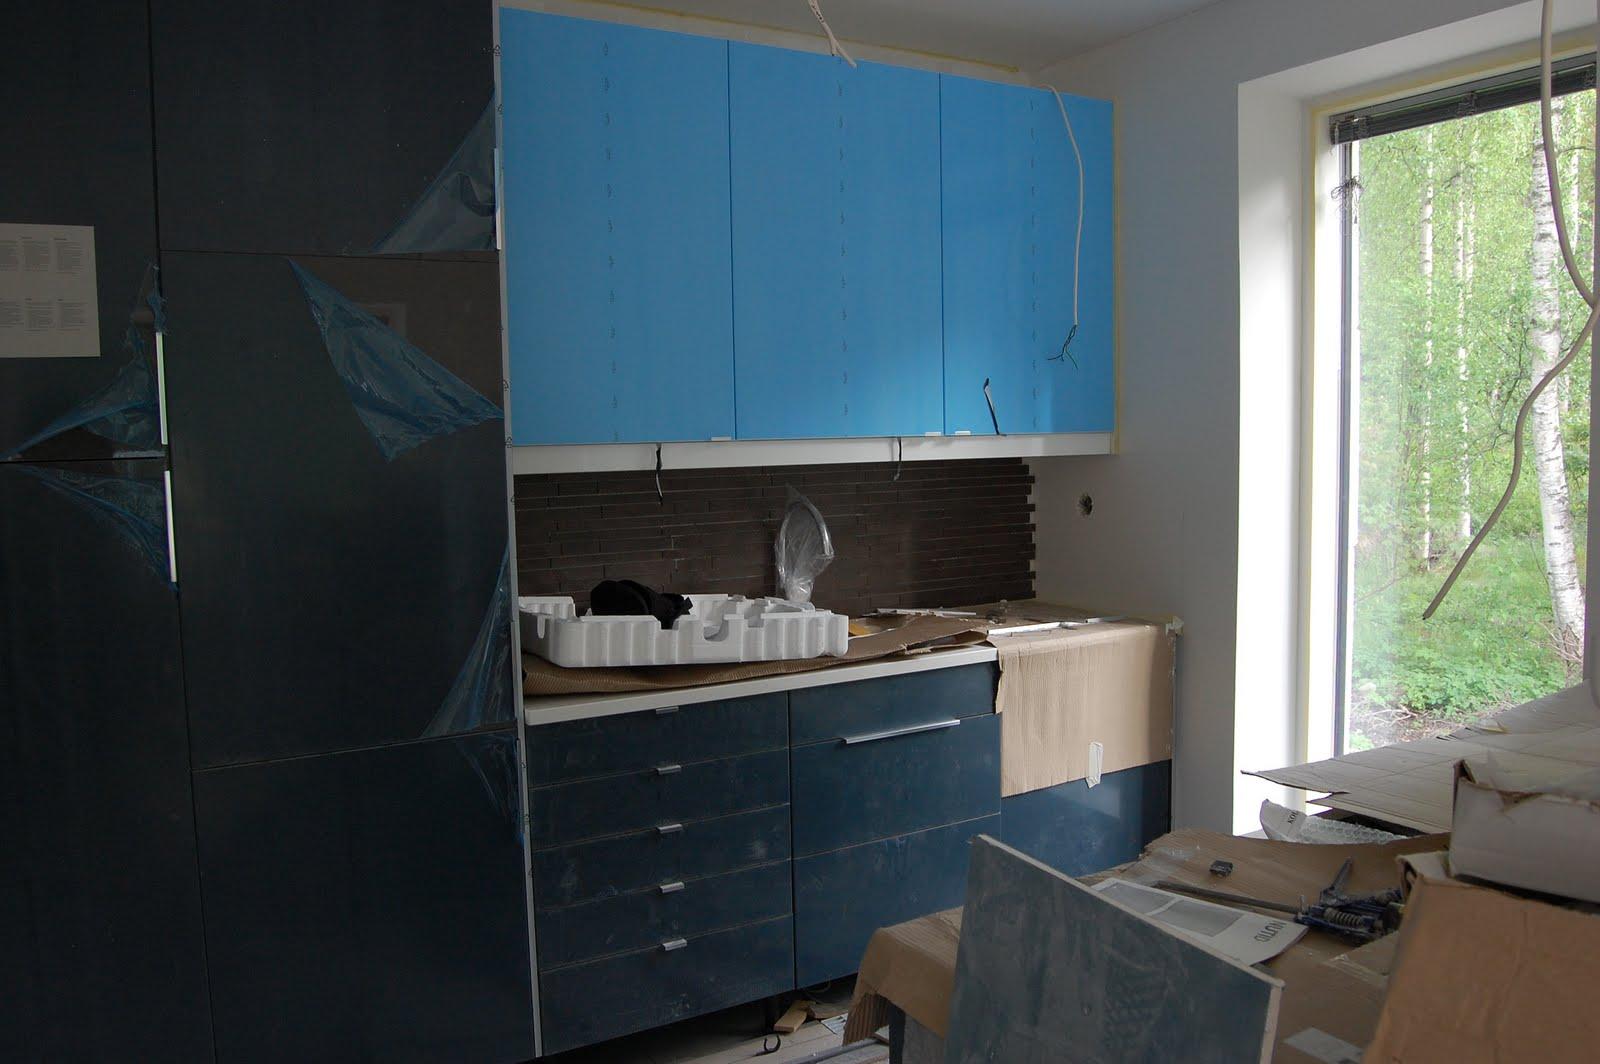 Projekteista isoin Sähkörasioita ja keittiön välitilan